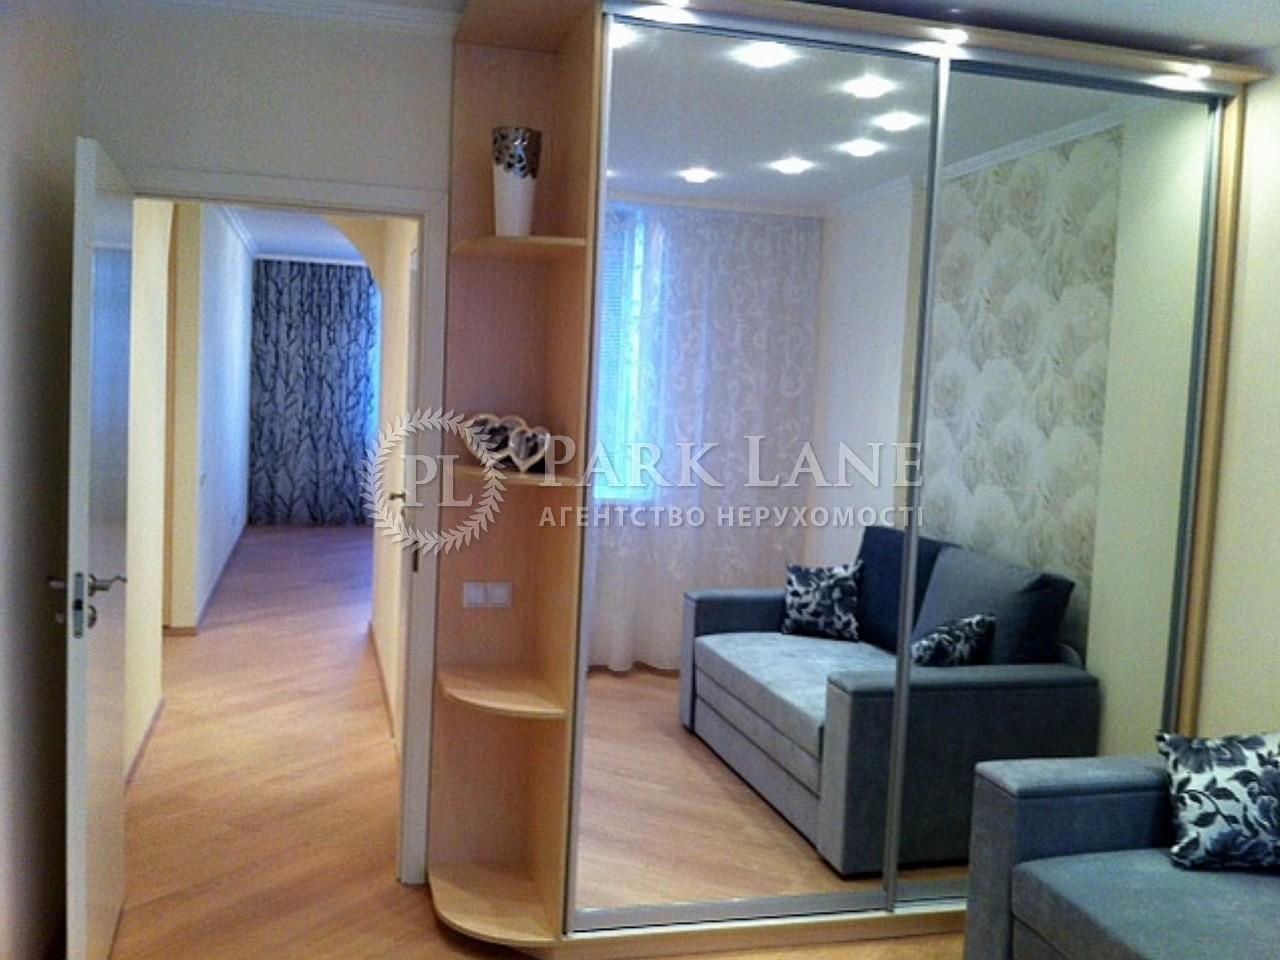 Квартира ул. Вильямса Академика, 3/7, Киев, Z-1258737 - Фото 3